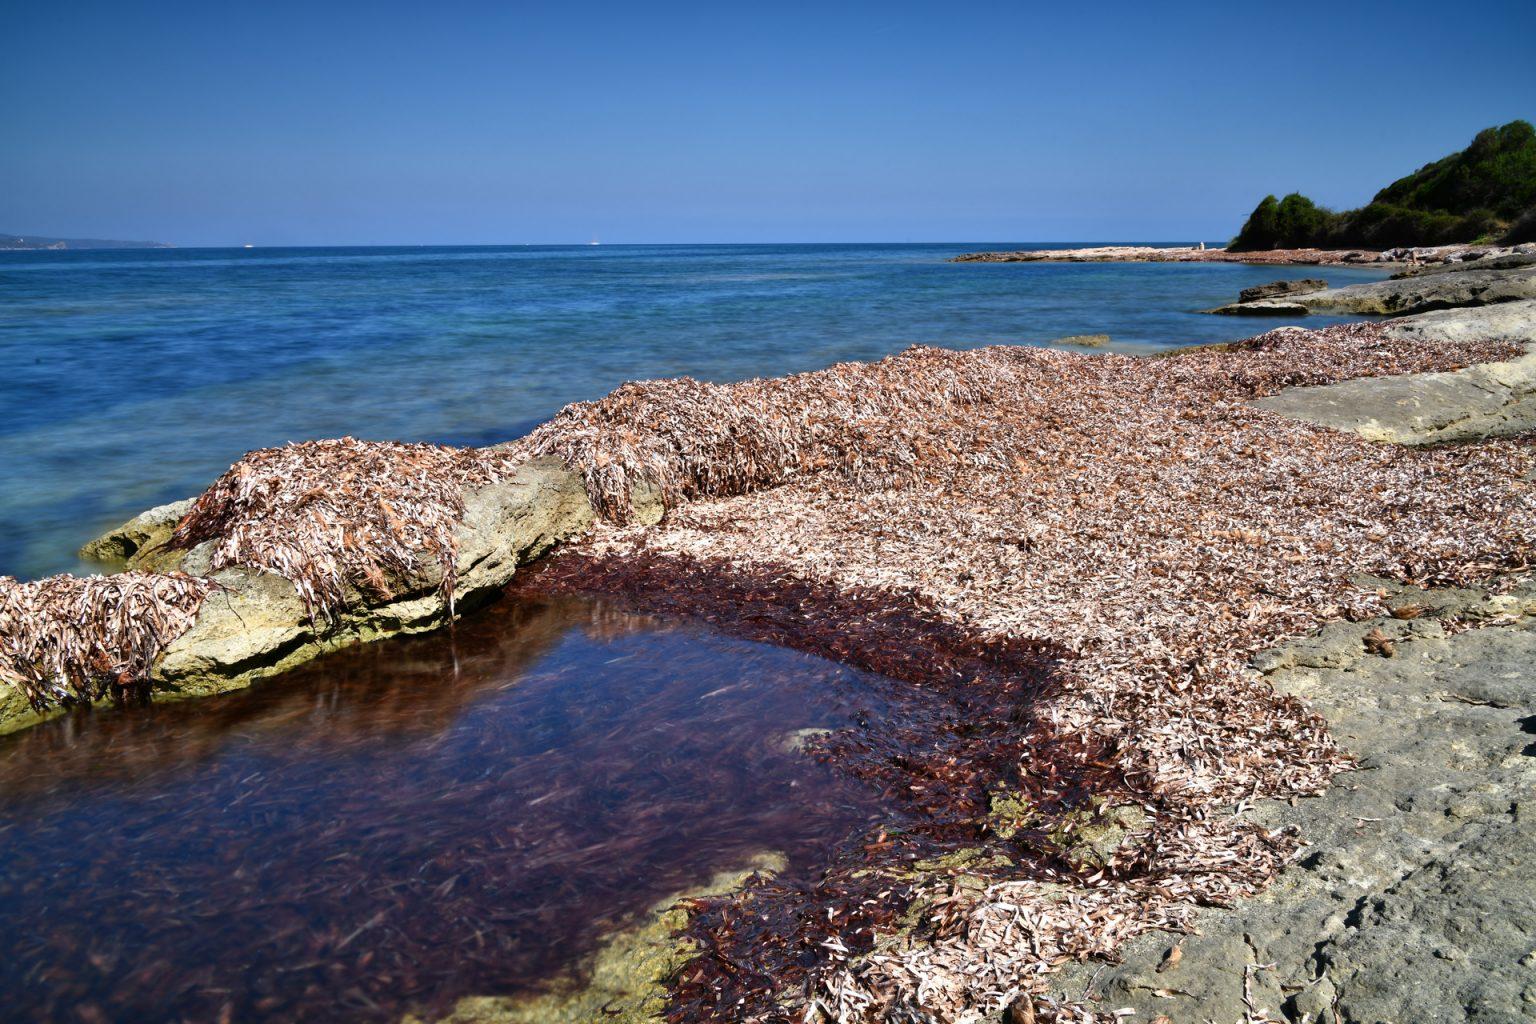 Bio-Reciclados - Algas 'Posidonia' recogidas de las playas mediterráneas.